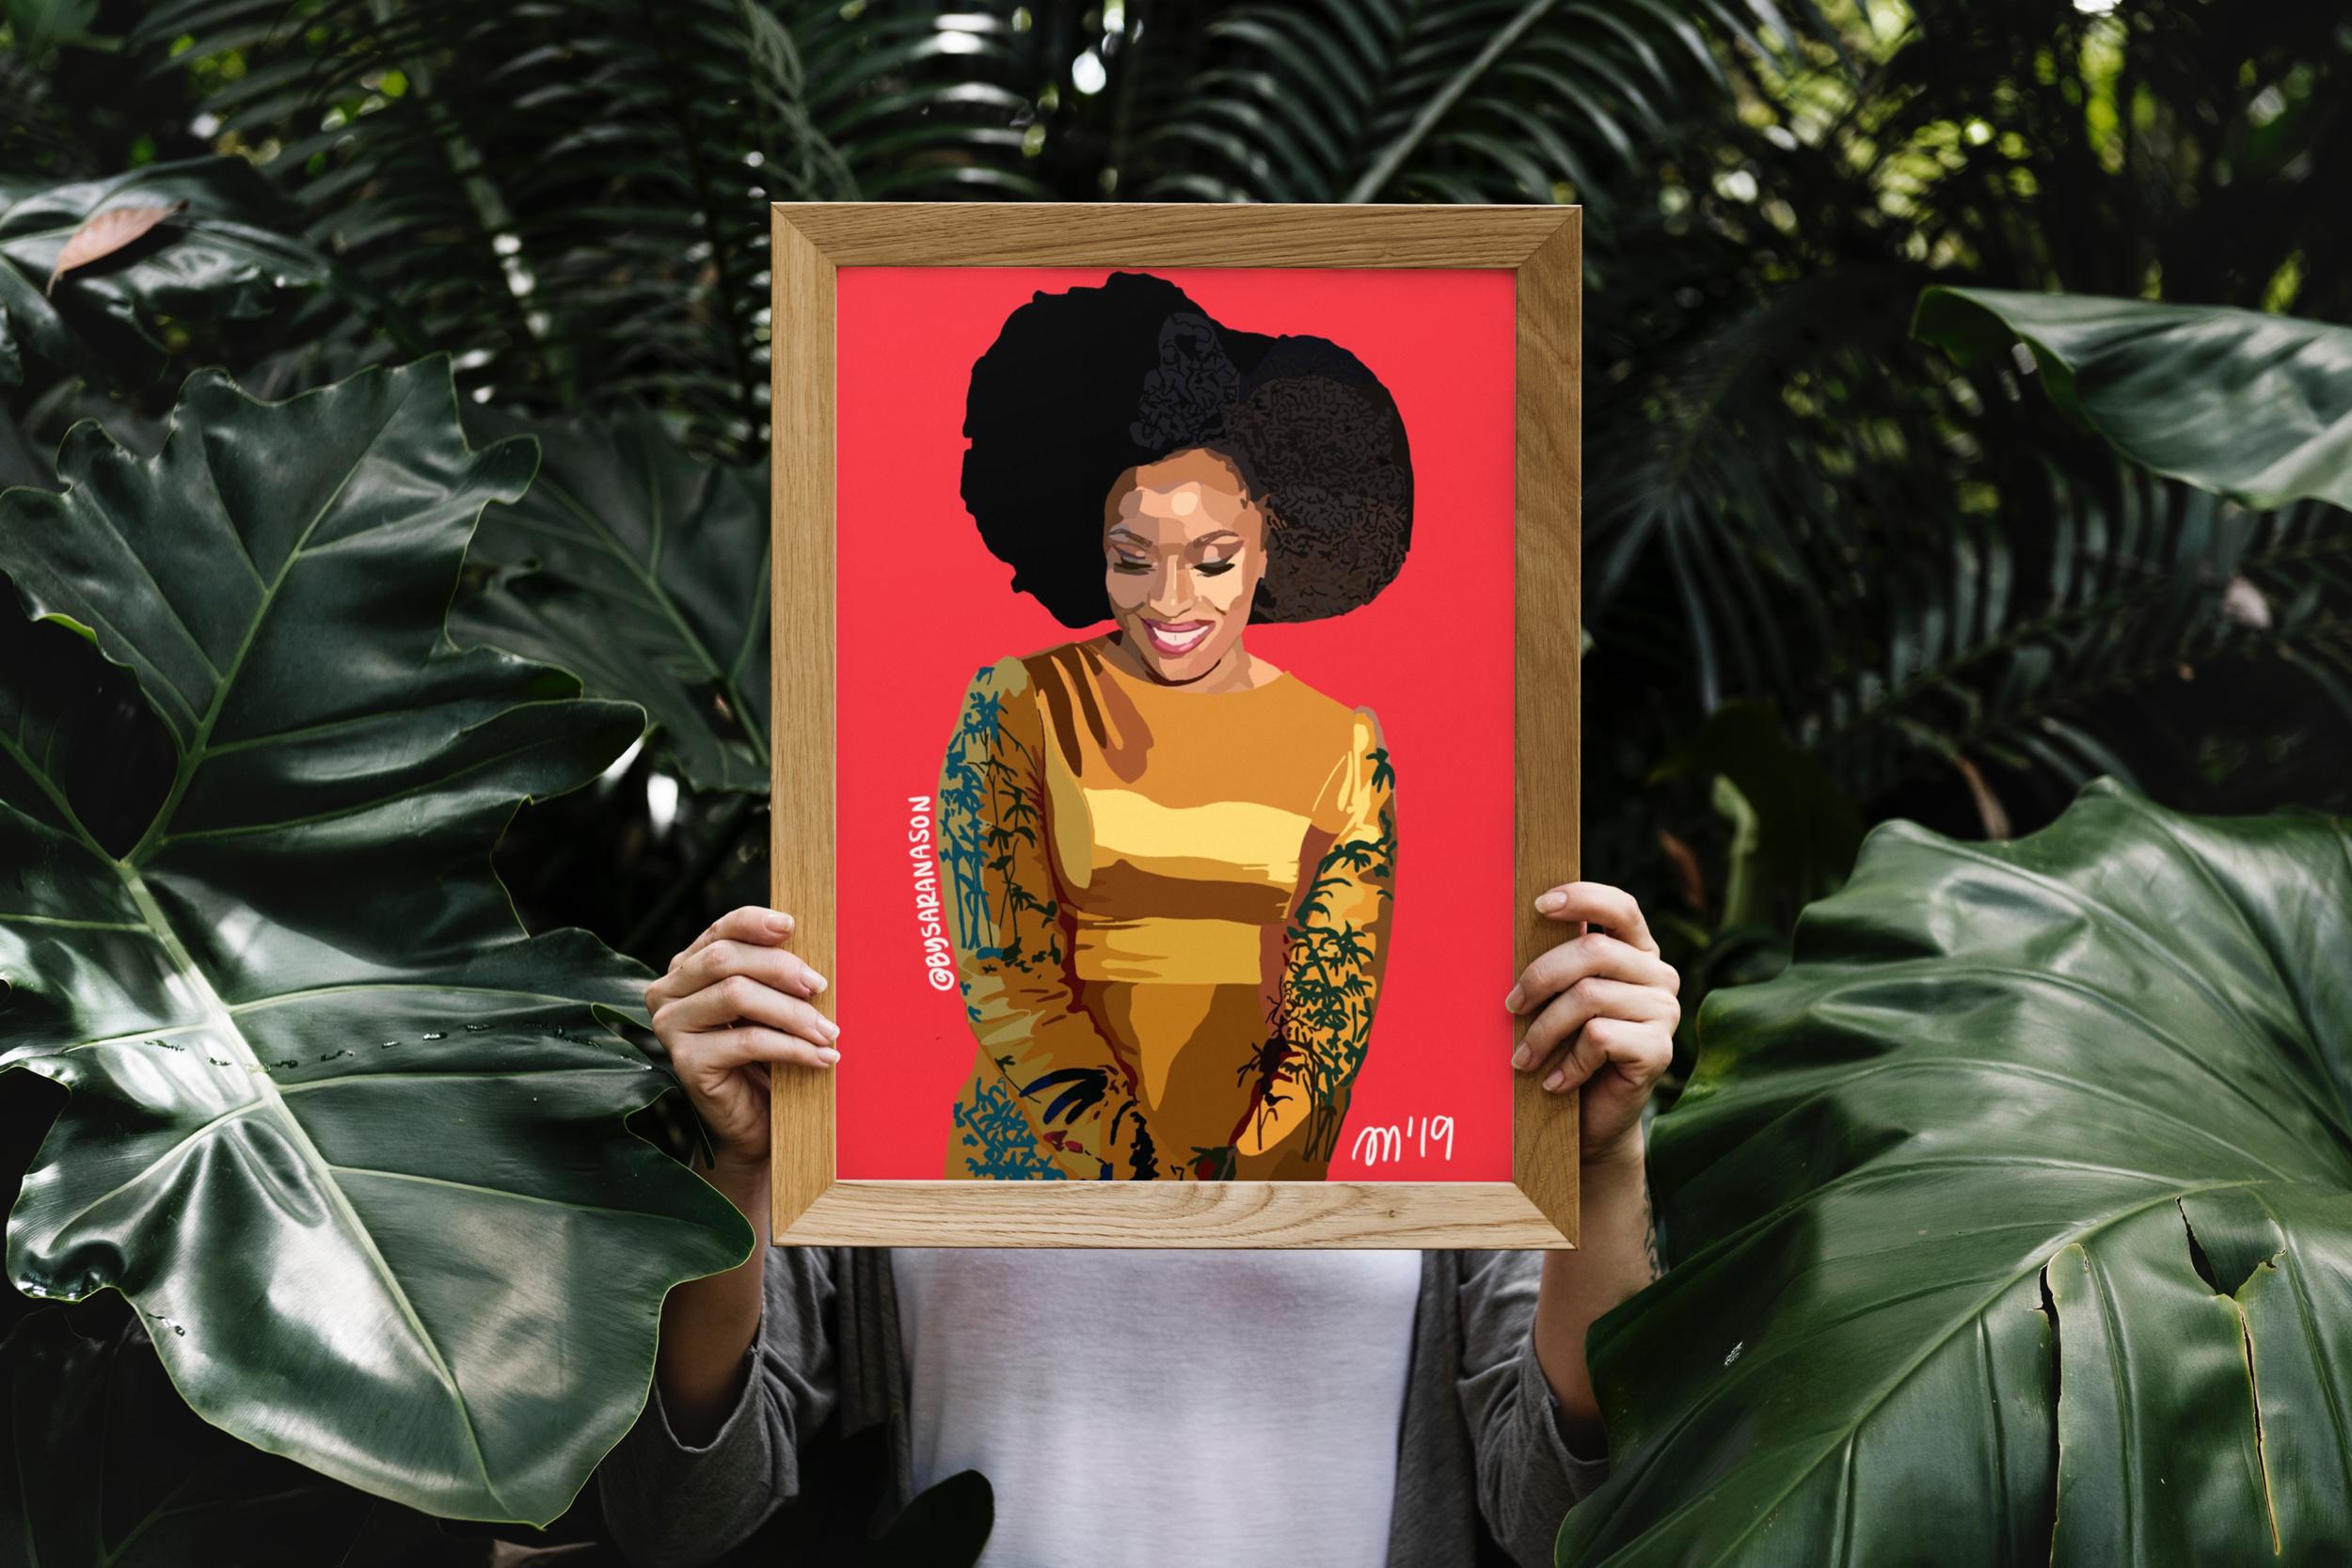 FC005 Chimamanda Ngozi Adichie